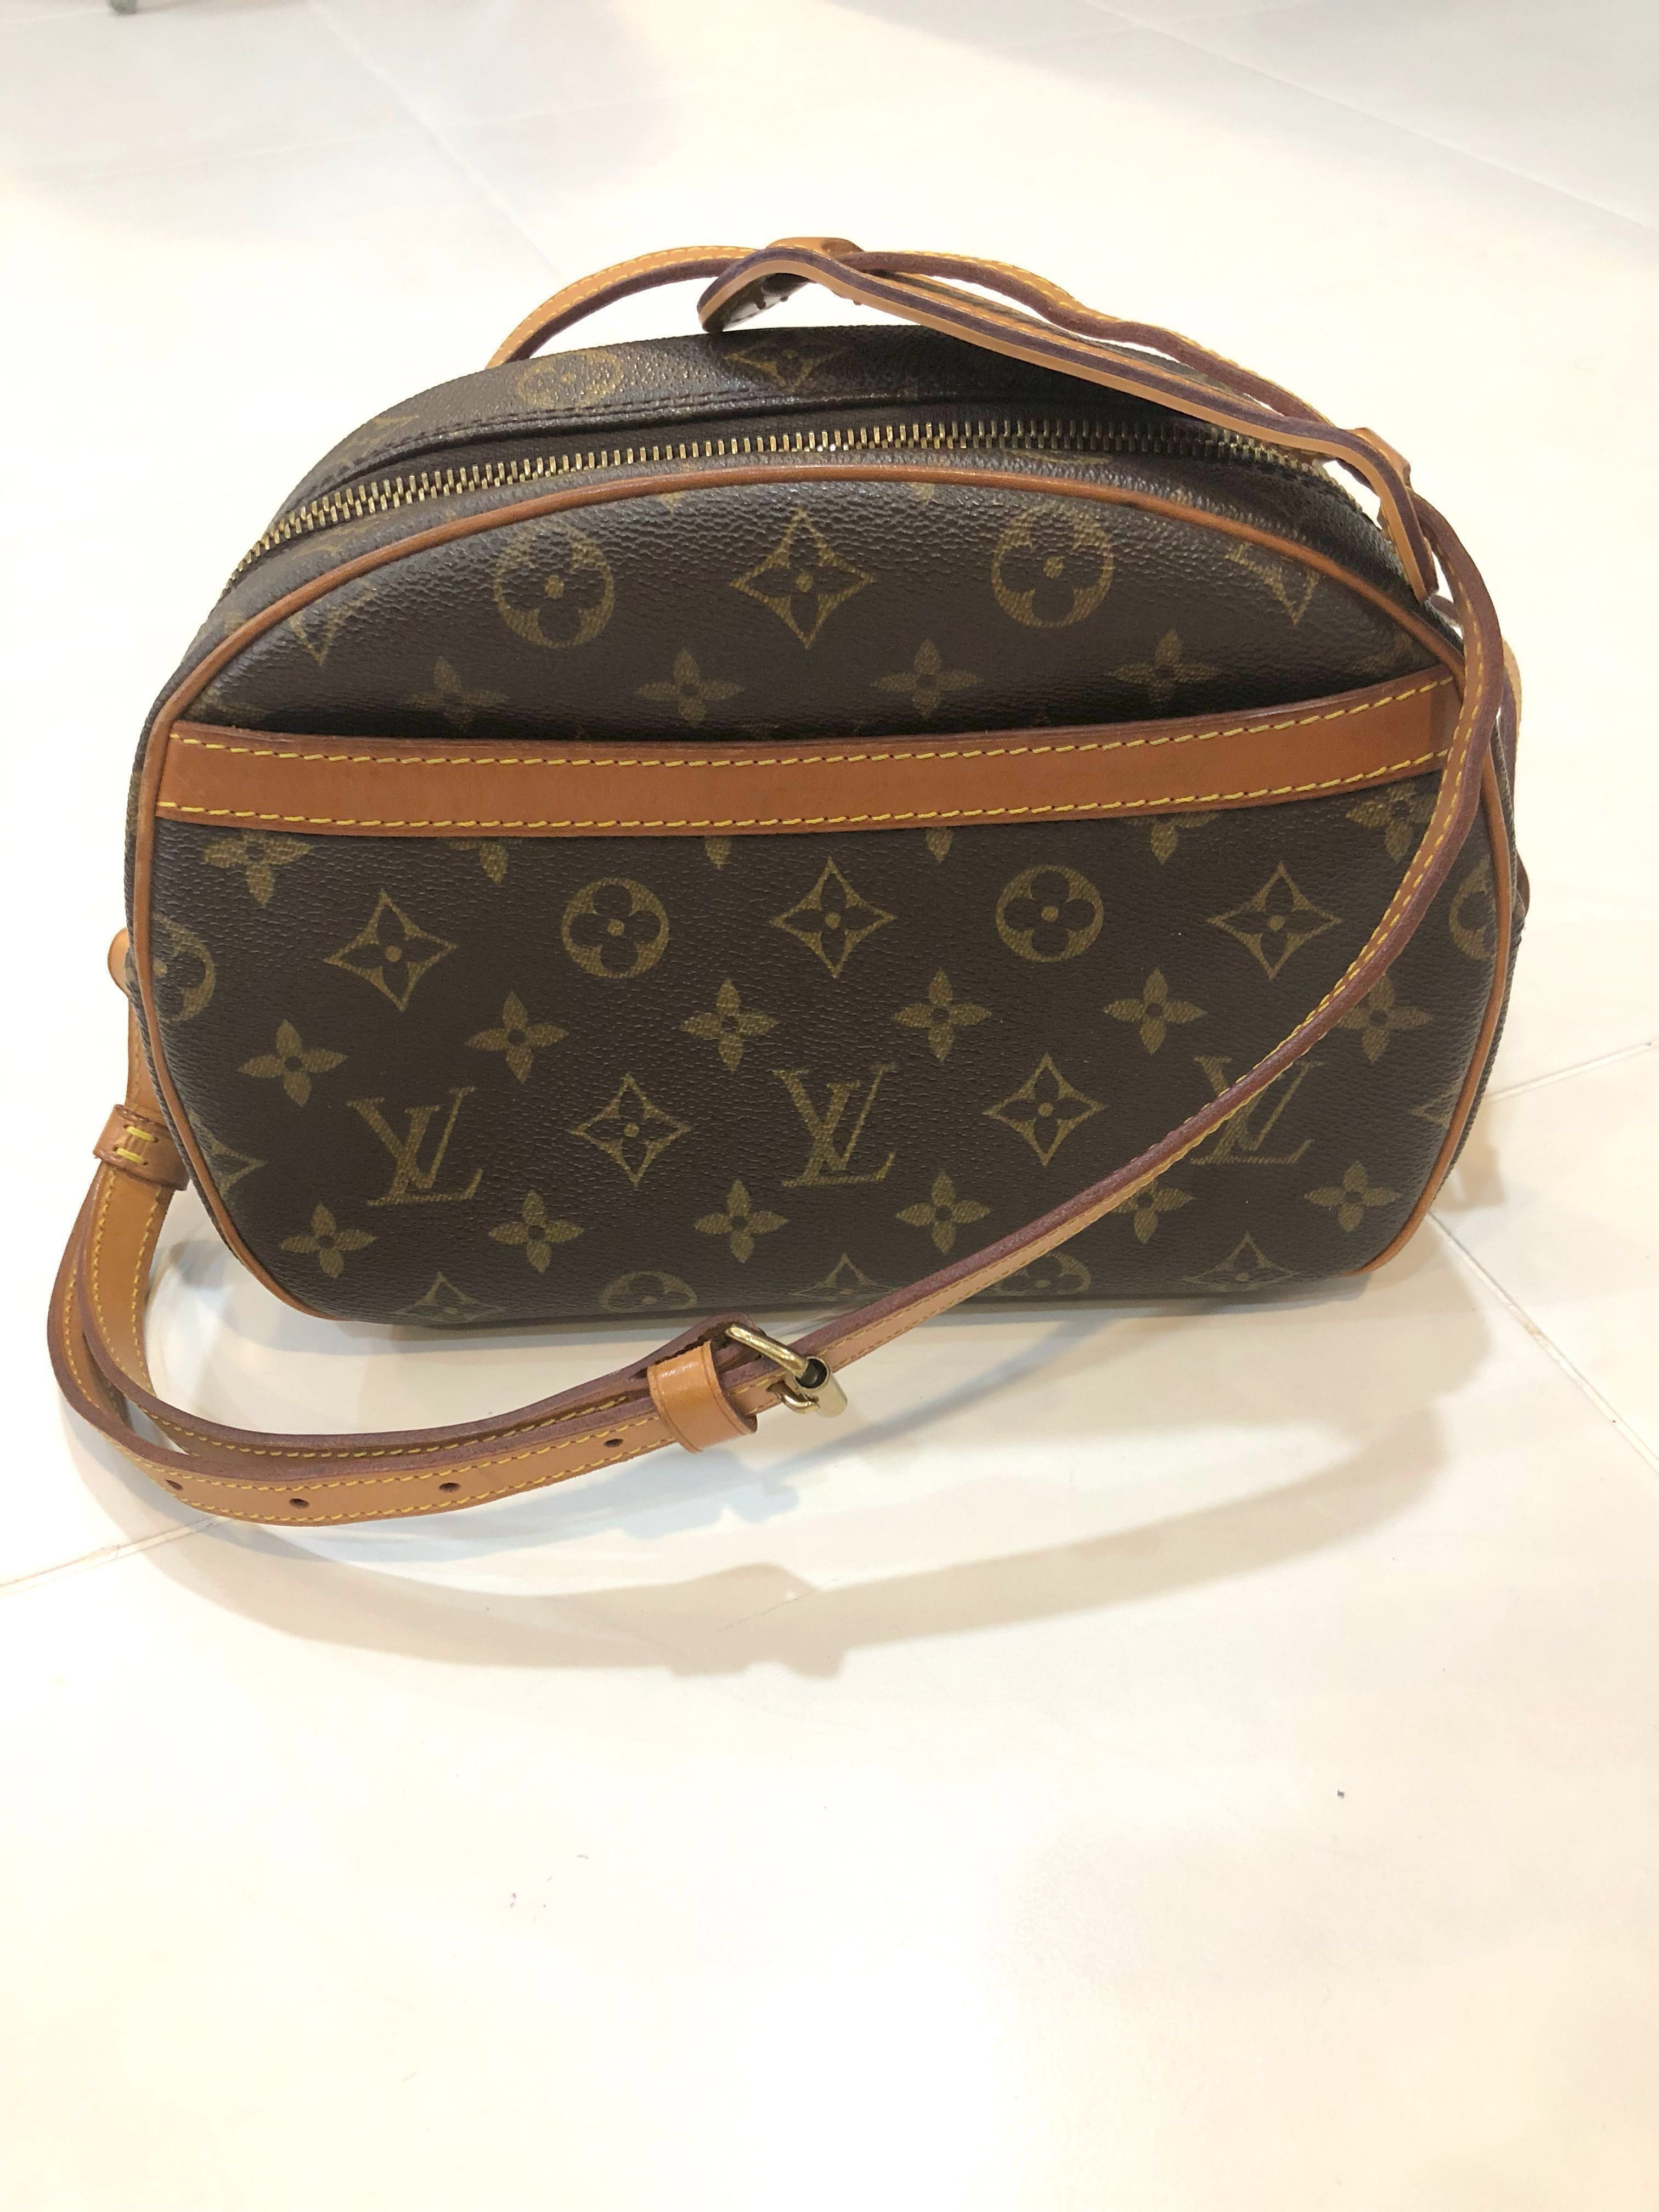 8bebb513036c Louis Vuitton Blois Sling Bag Authentic